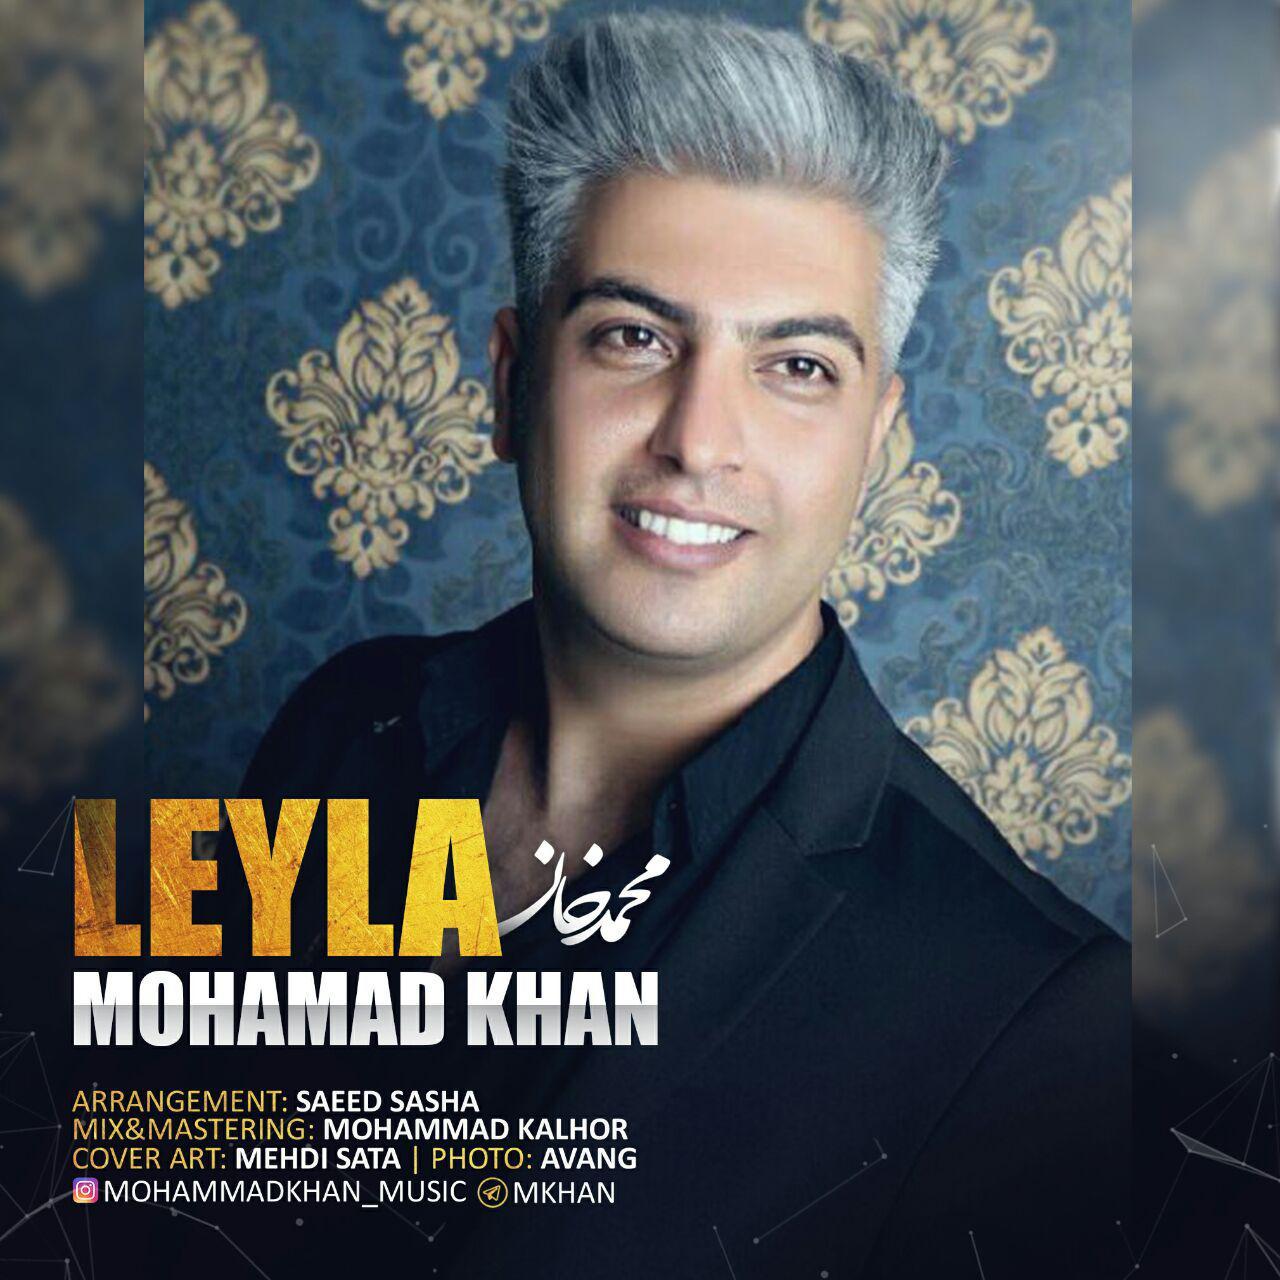 دانلود آهنگ جدید محمد خان به نام لیلا